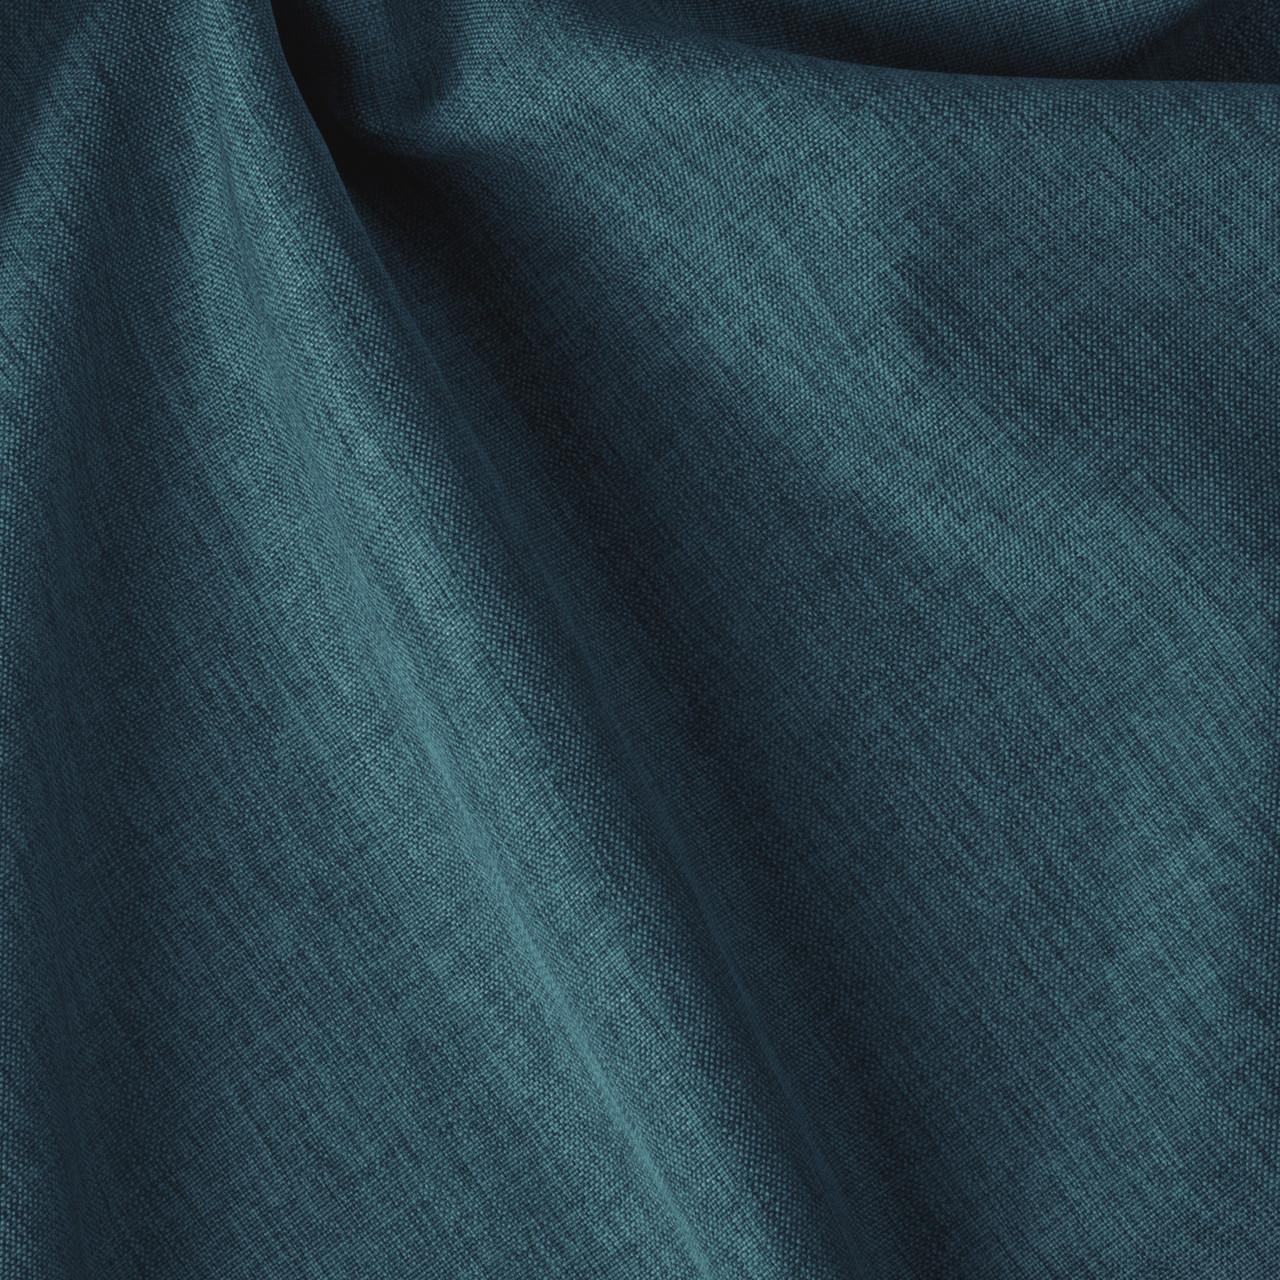 Декоративная однотонная ткань синяя 300см Турция 84461v18